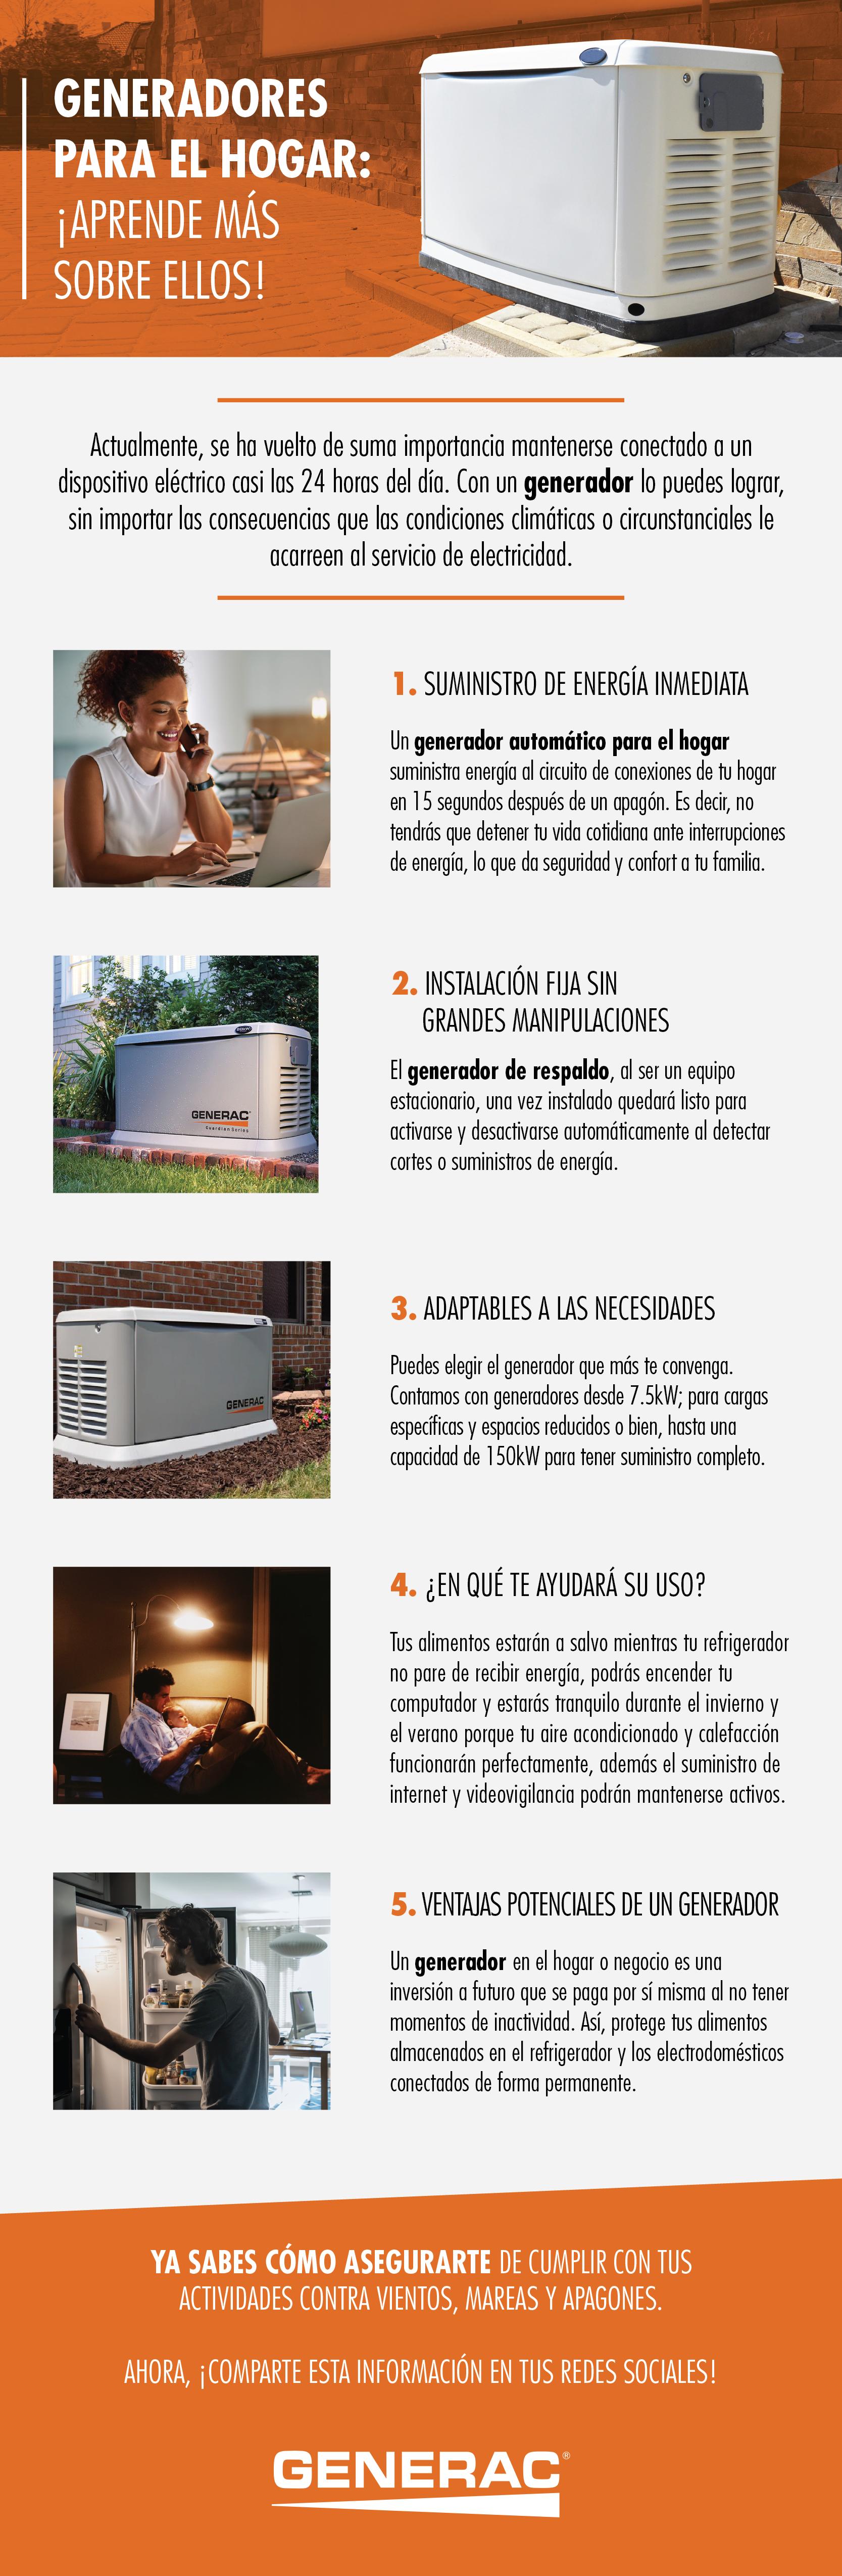 Generadores para el hogar-01